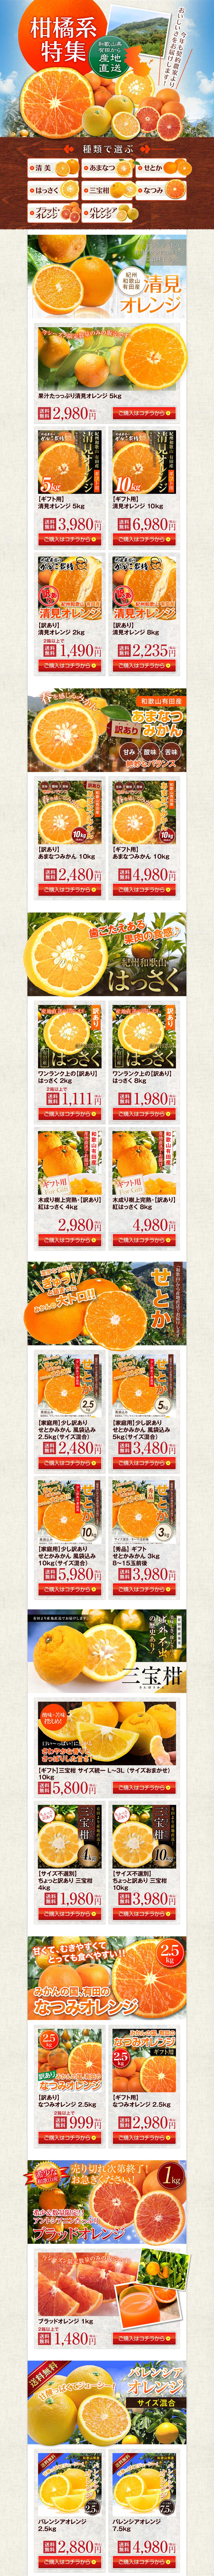 産地直送!柑橘系特集